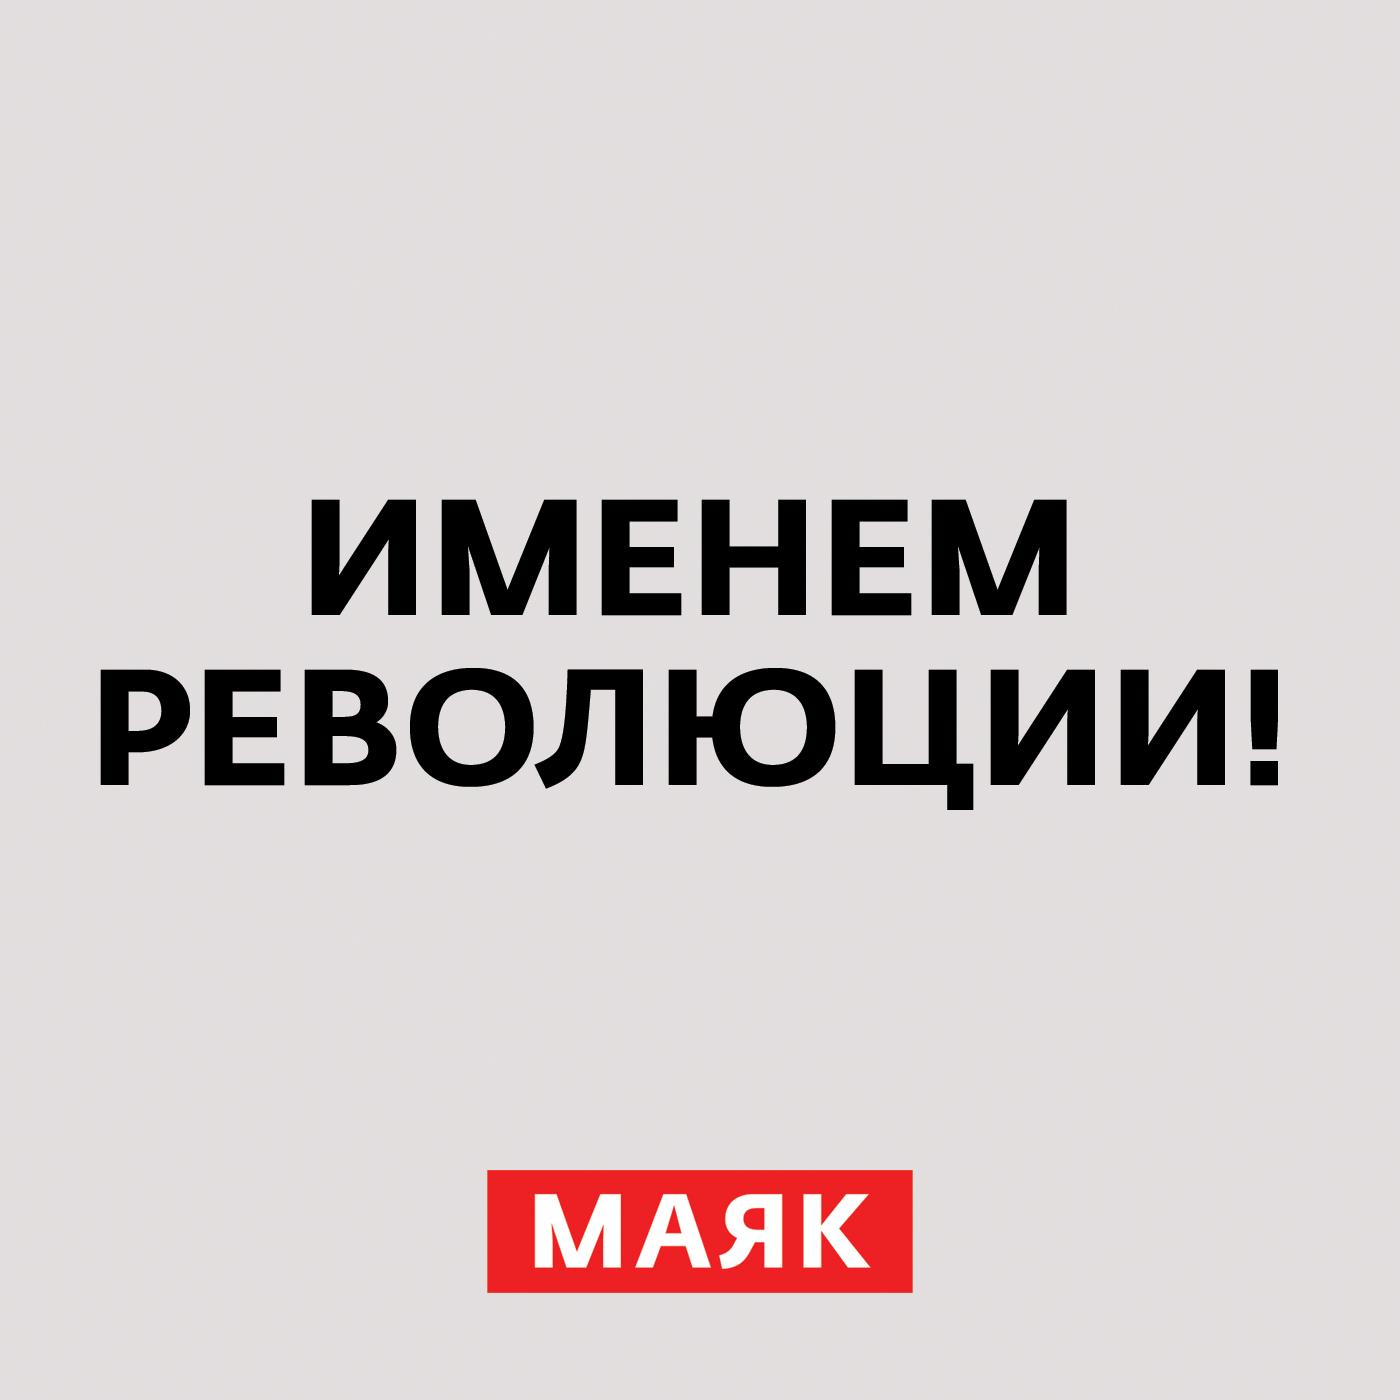 Творческий коллектив шоу «Сергей Стиллавин и его друзья» Начало первой мировой войны творческий коллектив шоу сергей стиллавин и его друзья начало первой мировой войны